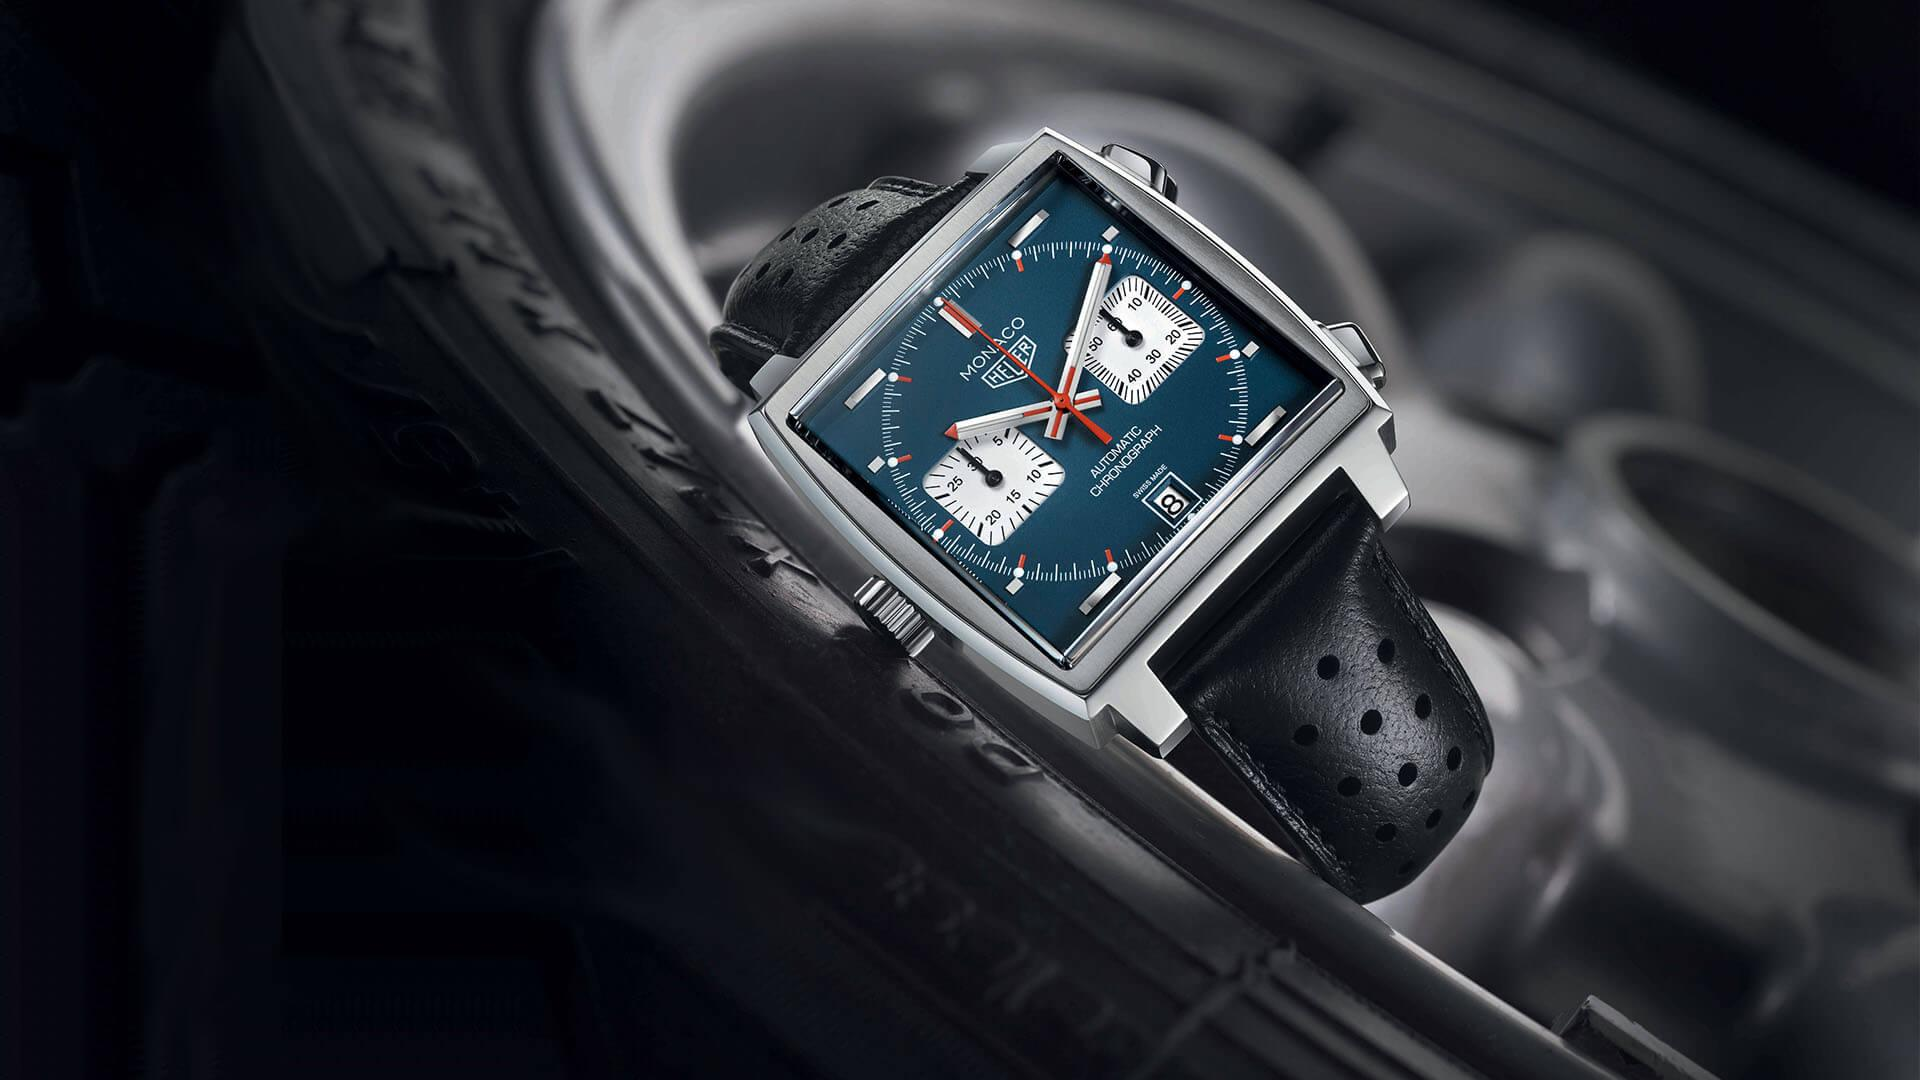 タグホイヤーの時計「モナコ」